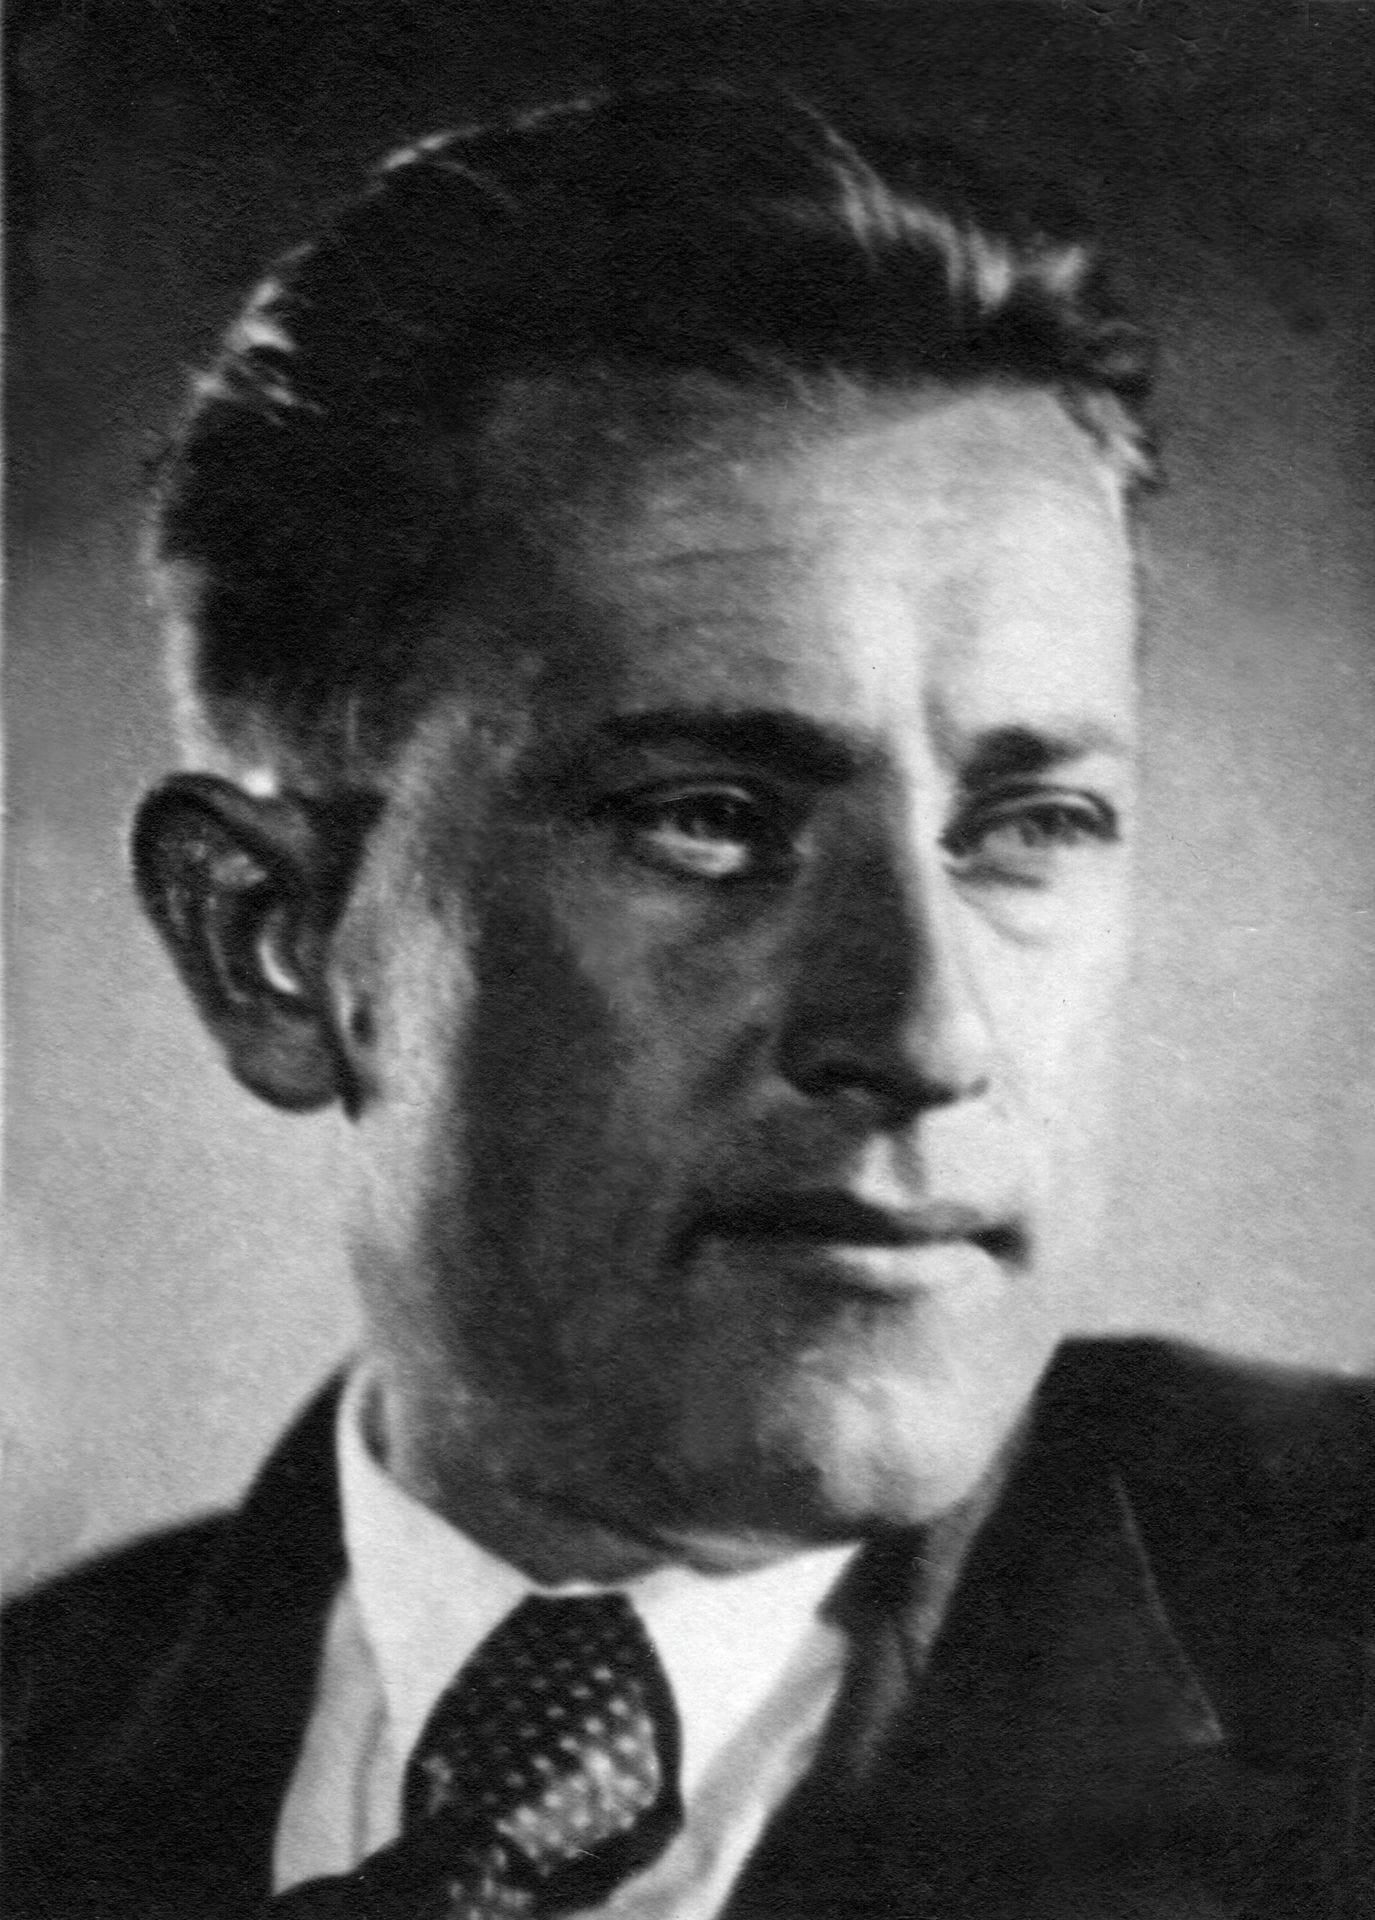 МАЛОВ И.Ф. — кинооператор